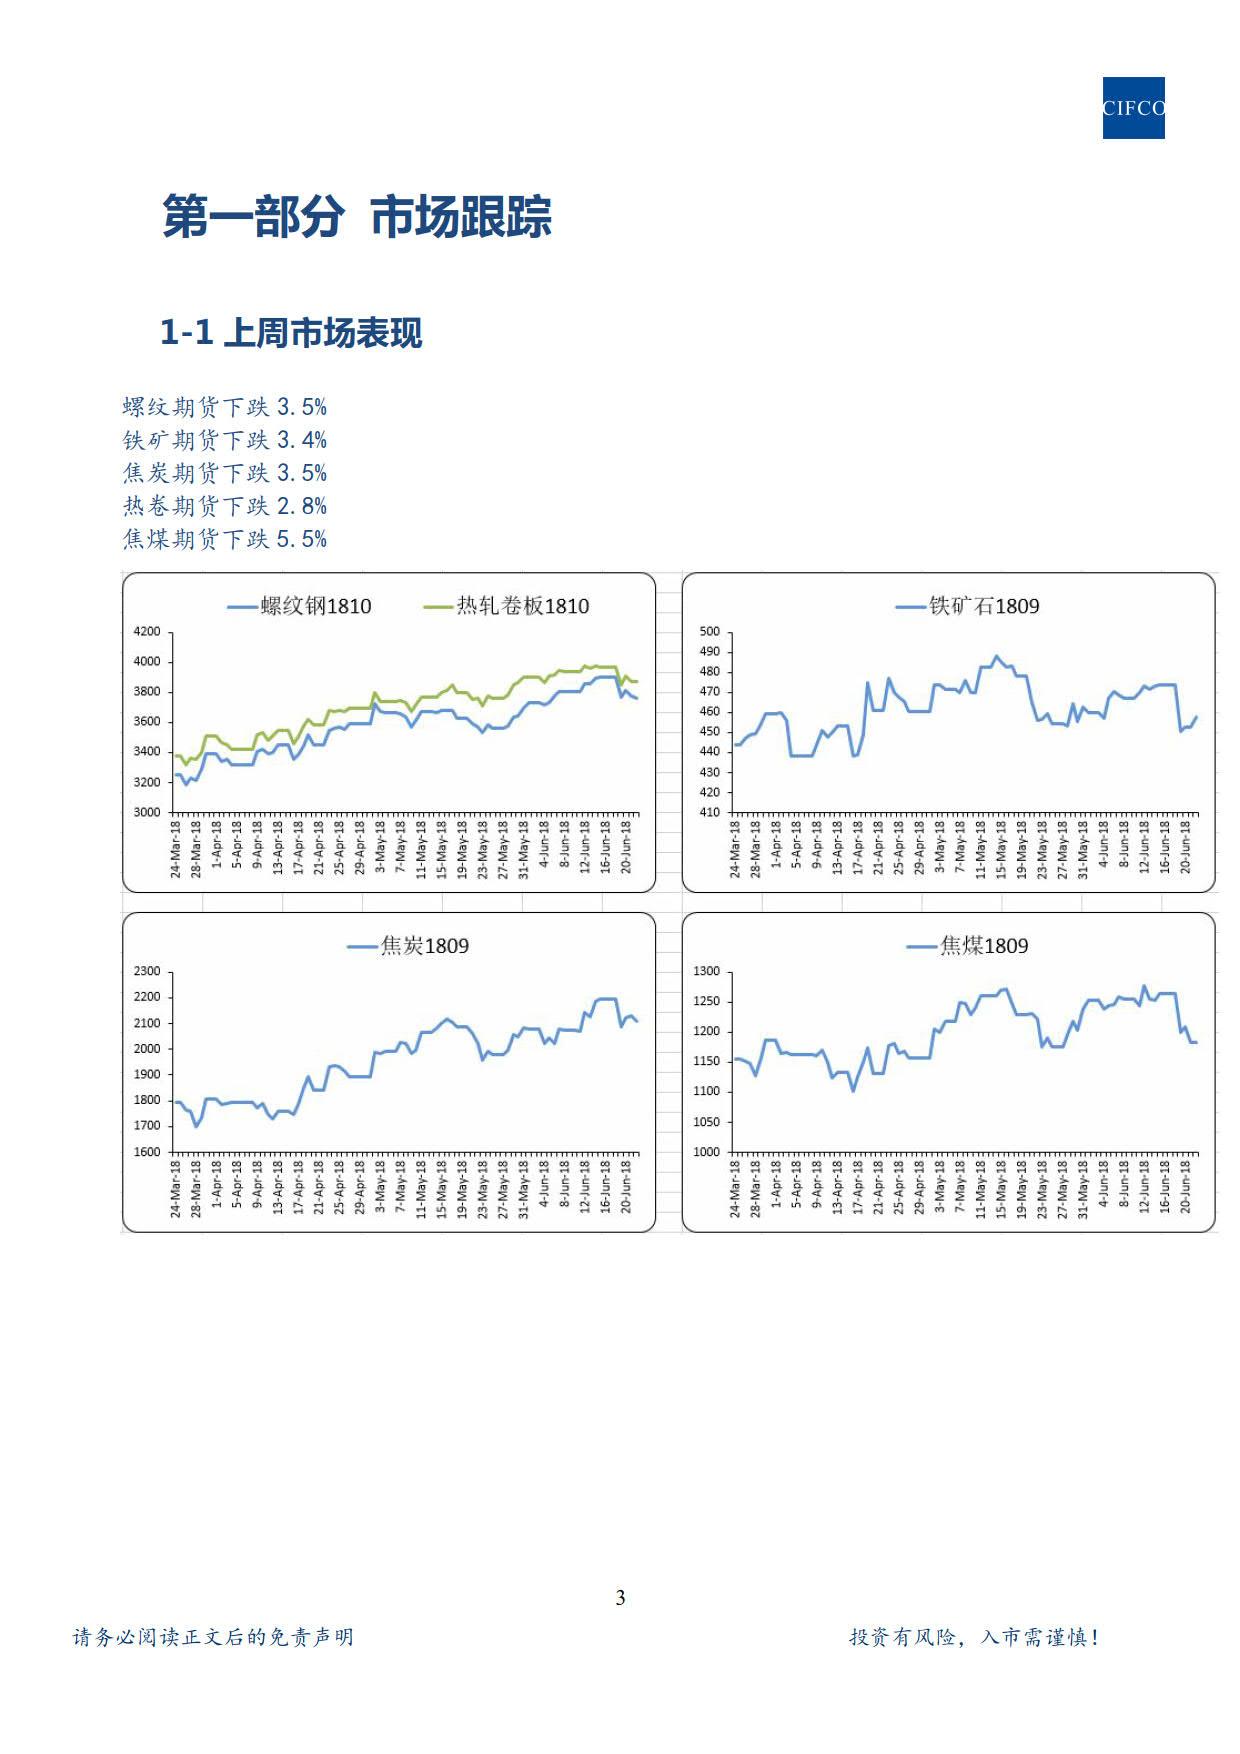 7易胜博黑色投资策略跟踪:继续黑色空头组合策略-20180625_3.jpg